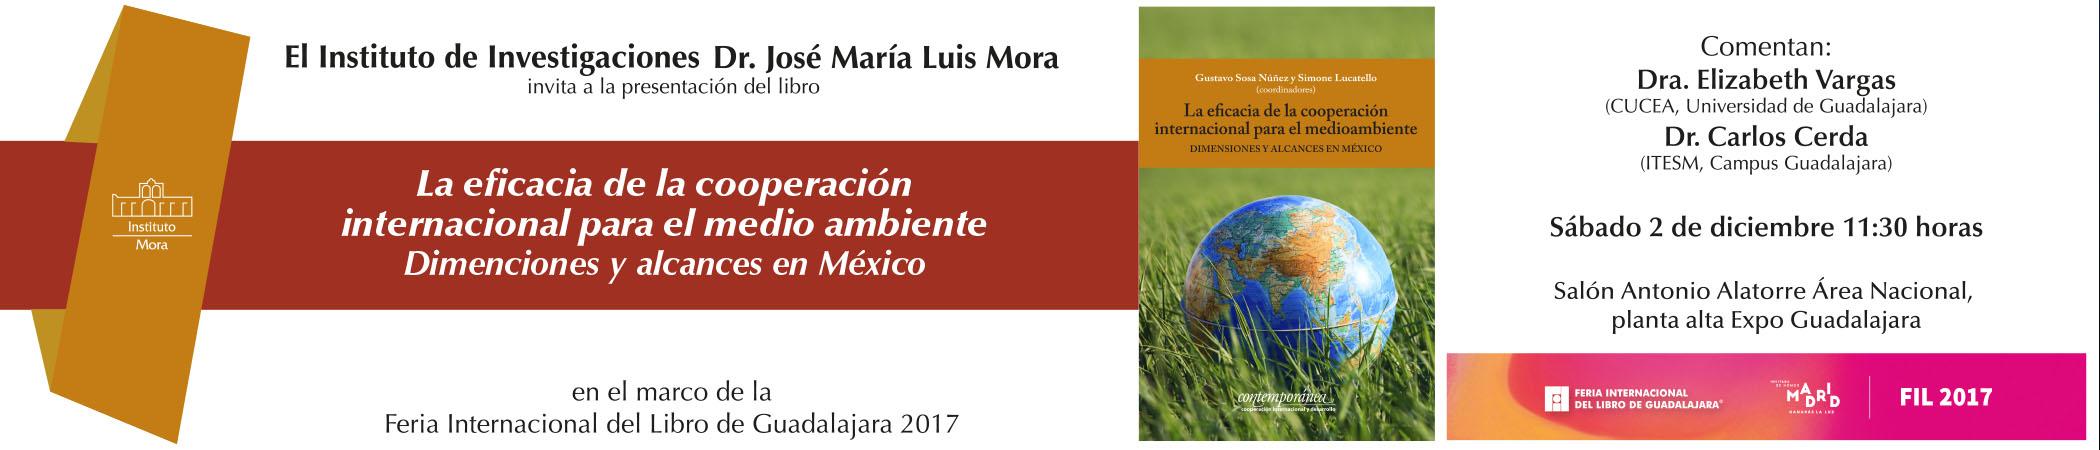 Presentación del libro La eficacia de la cooperación internacional para el medioambiente